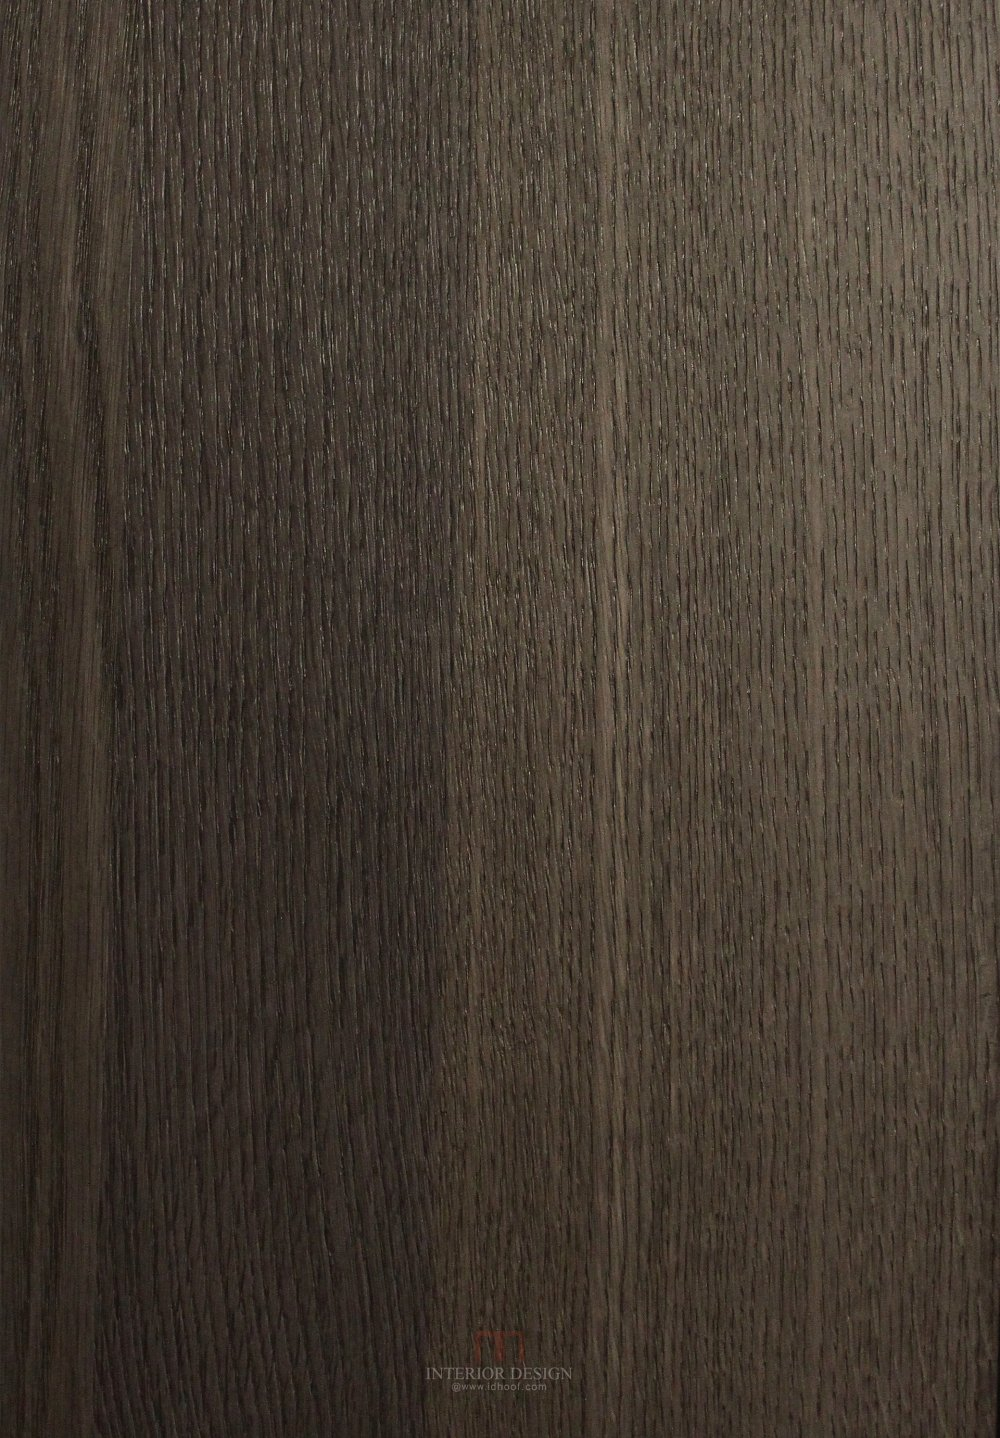 K6187QN_白橡木噴砂自然拼.jpg